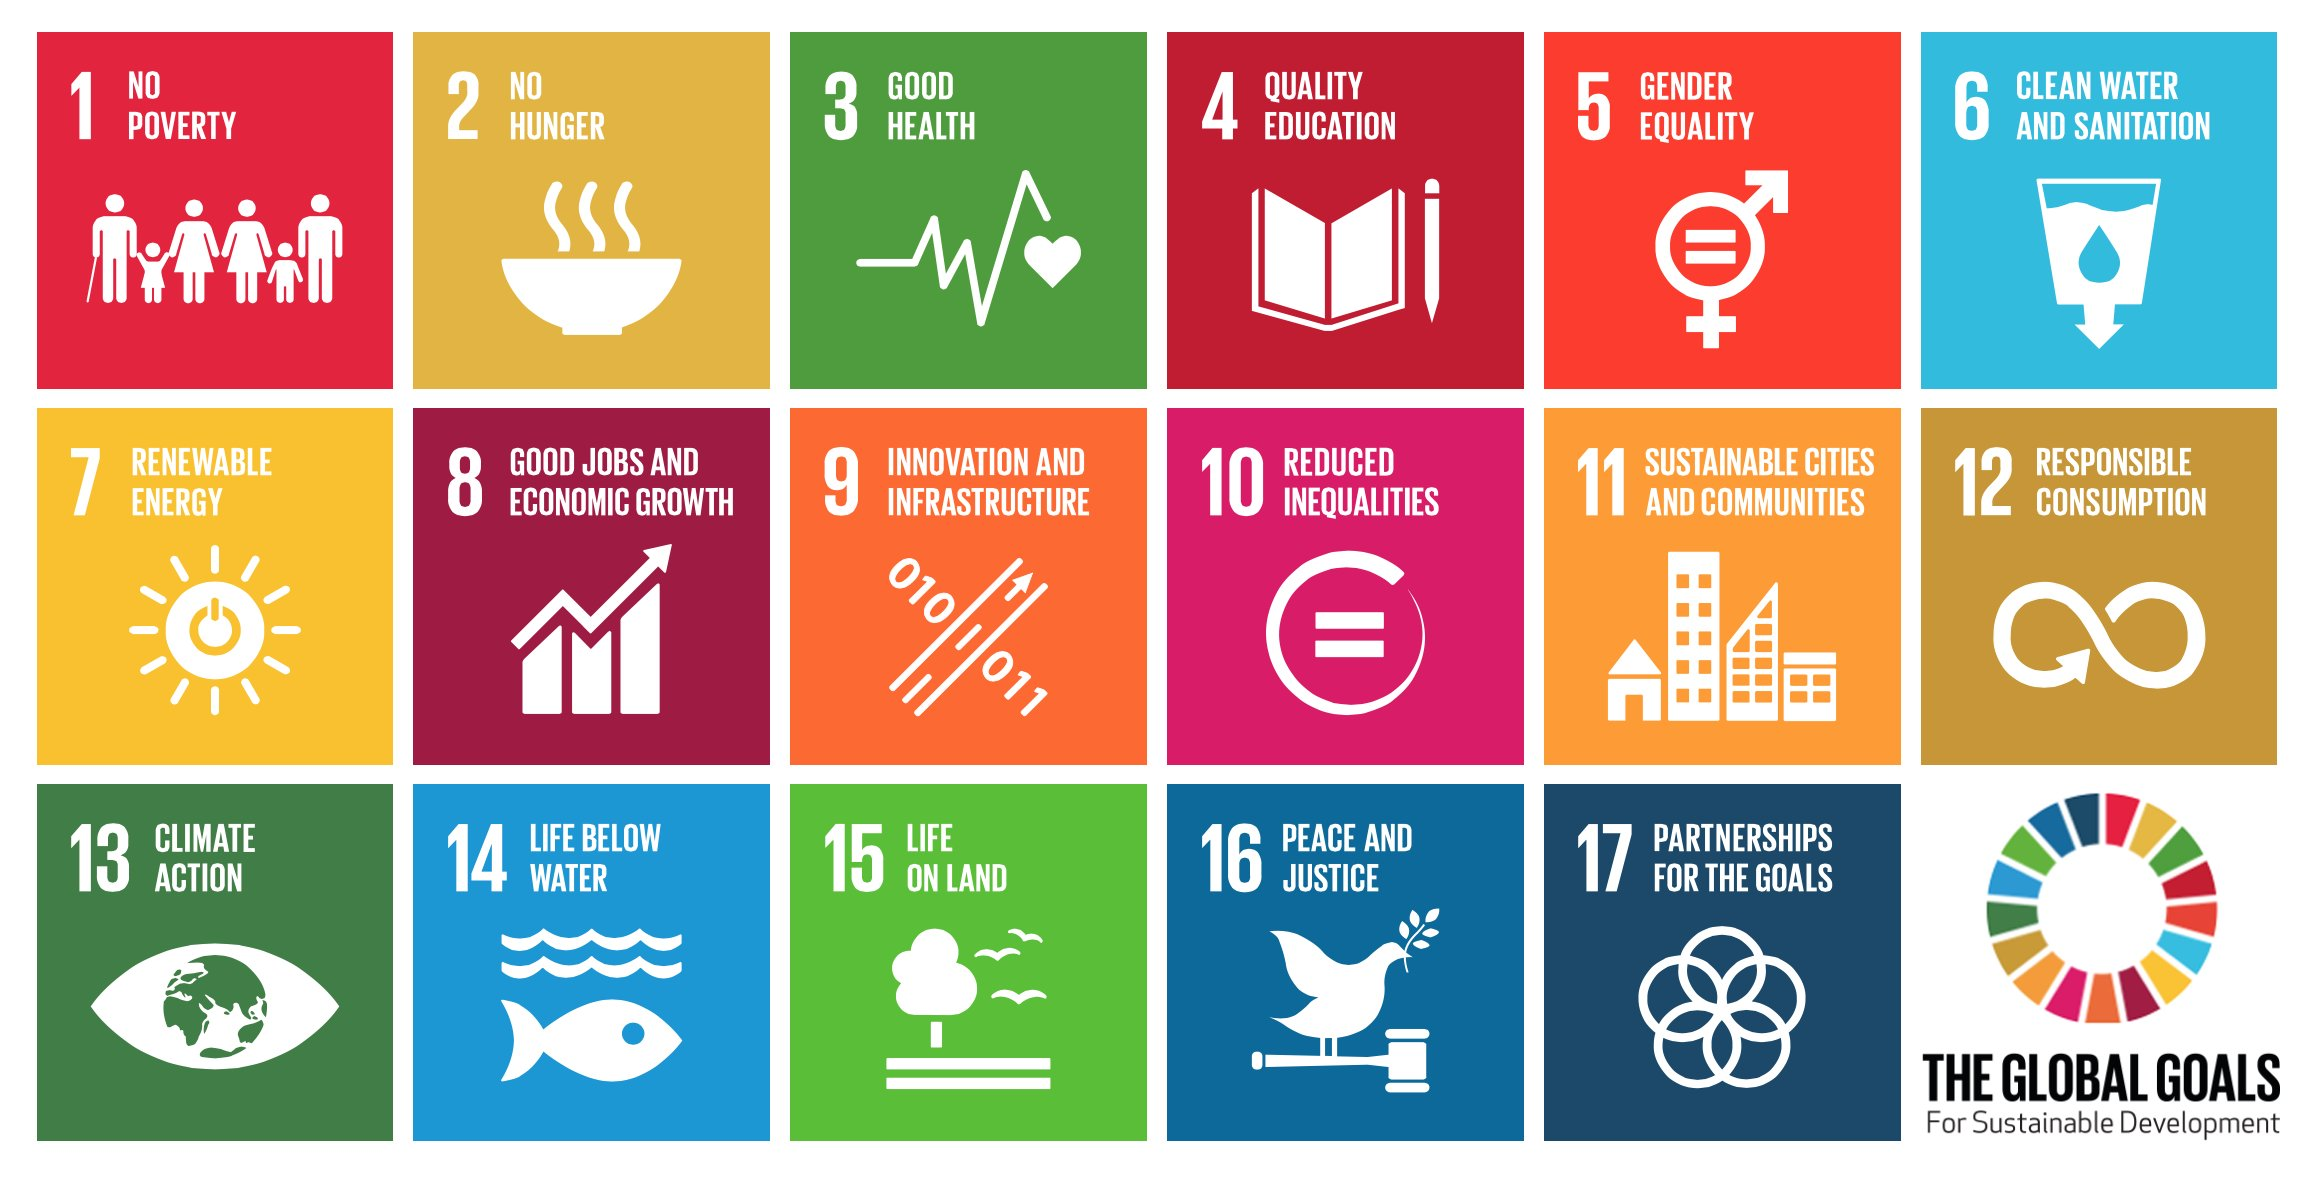 Global_Goals.JPG